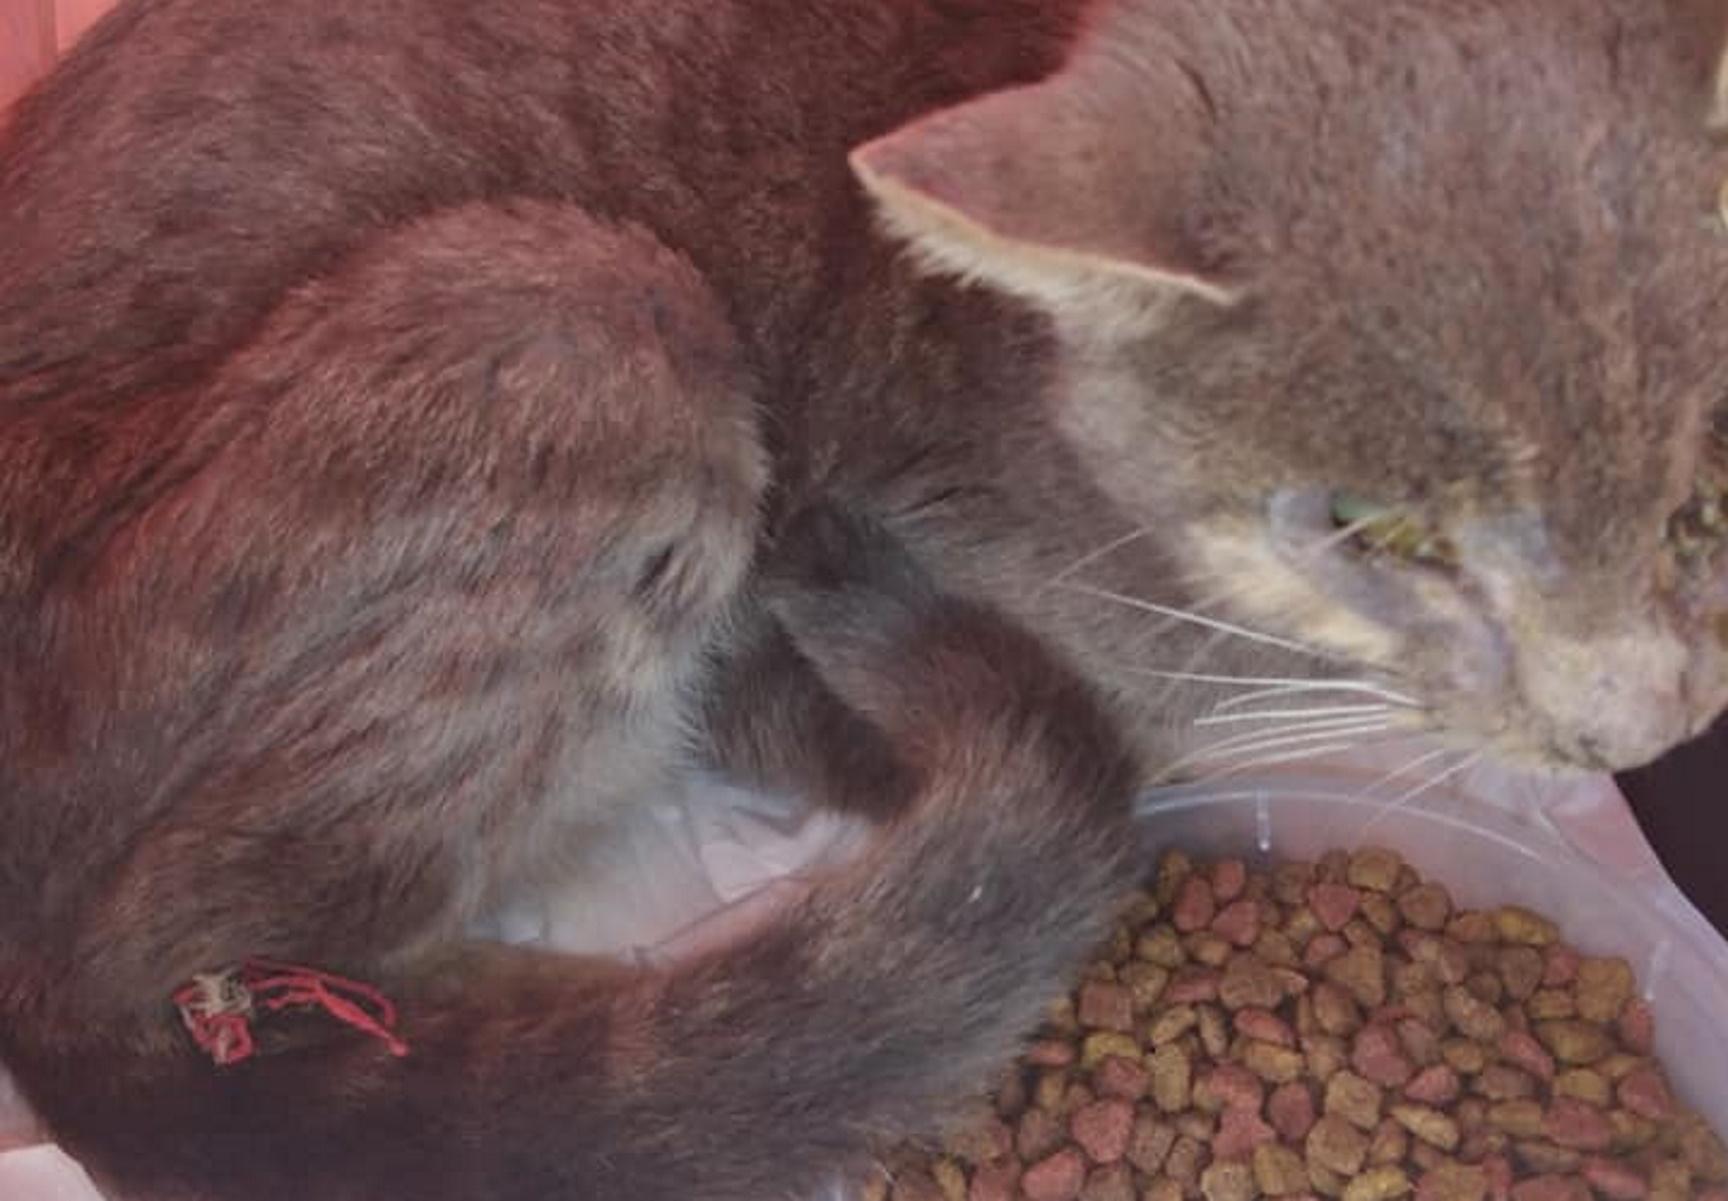 Κτηνωδία στην Κρήτη – Έβγαλαν τα μάτια γάτας και τη βασάνισαν